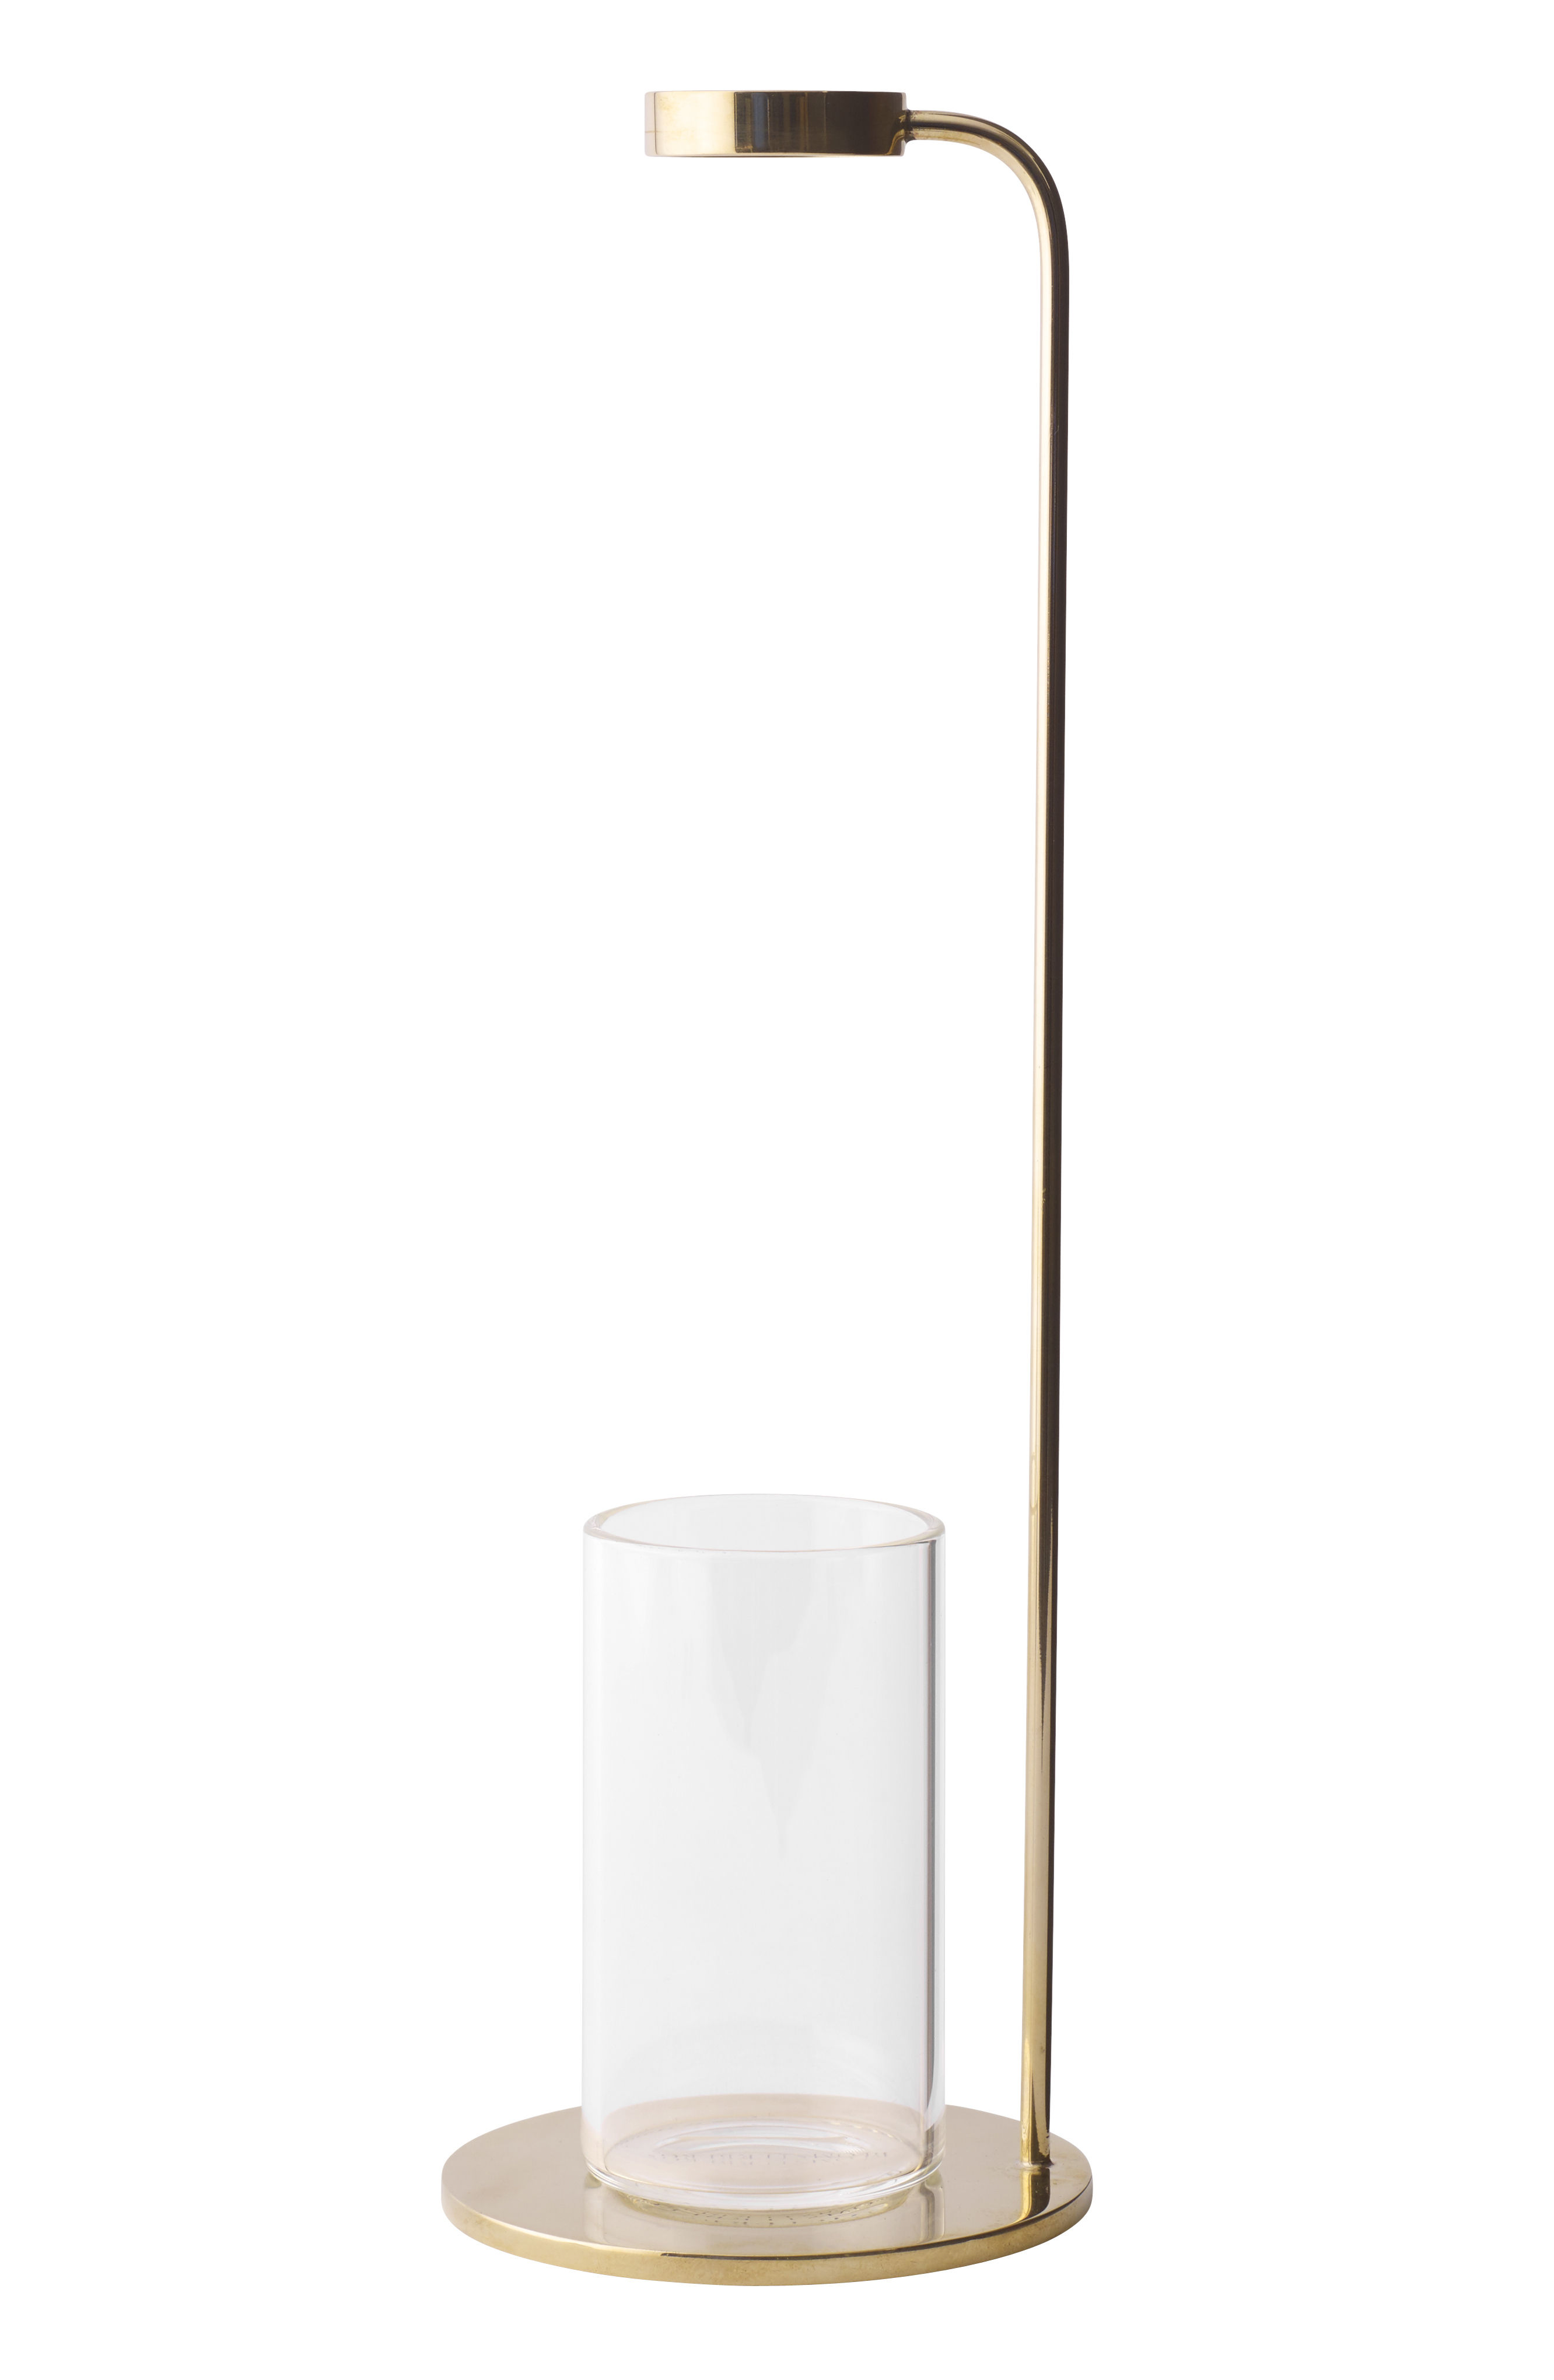 Interni - Vasi - Vaso per un solo fiore Stem / H 32 cm - Cristallo & ottone - Menu - Ottone / Trasparente - Ottone, Trasparente